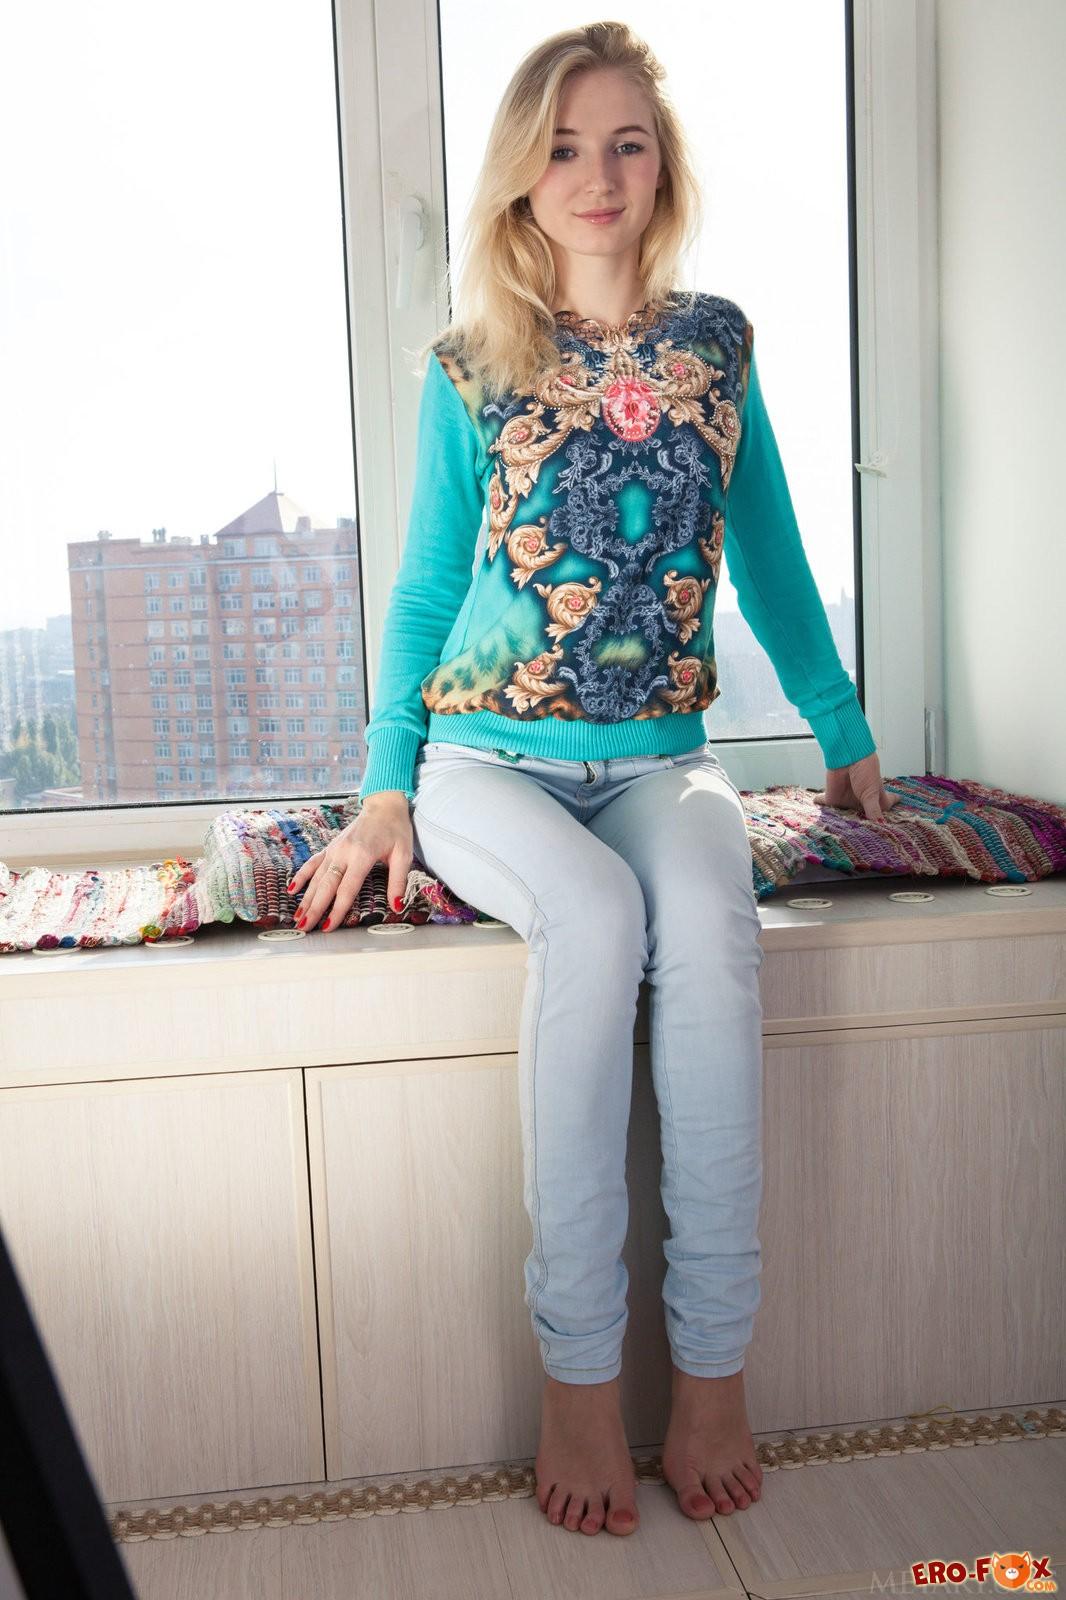 Девушка сняв джинсы показывает голую упругую попку